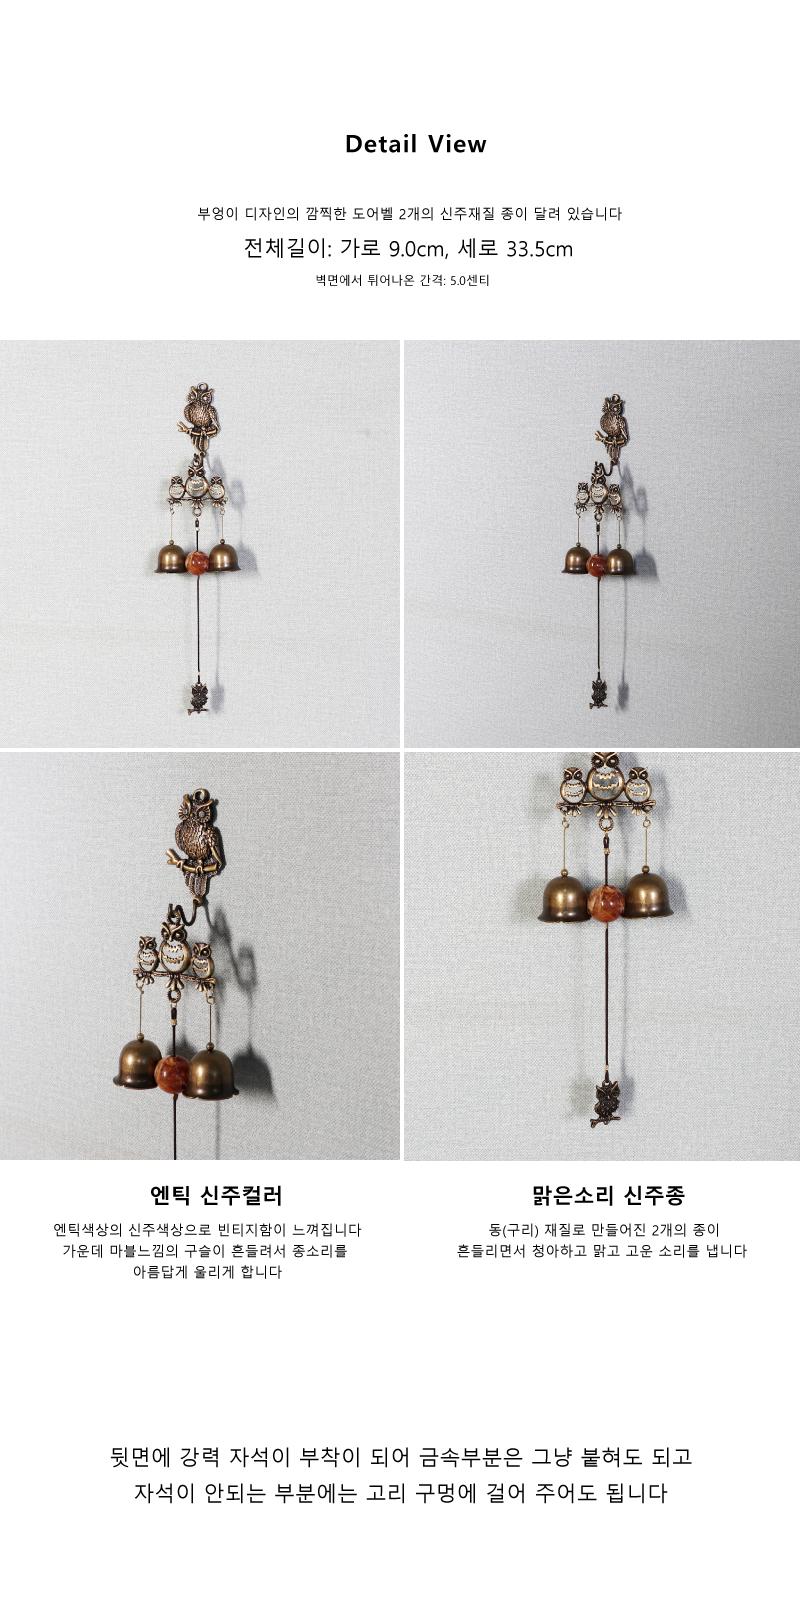 엔틱메탈 나무에 앉은 부엉이 2벨 문종 도어벨 - 크레디스, 11,000원, 장식소품, 도어벨